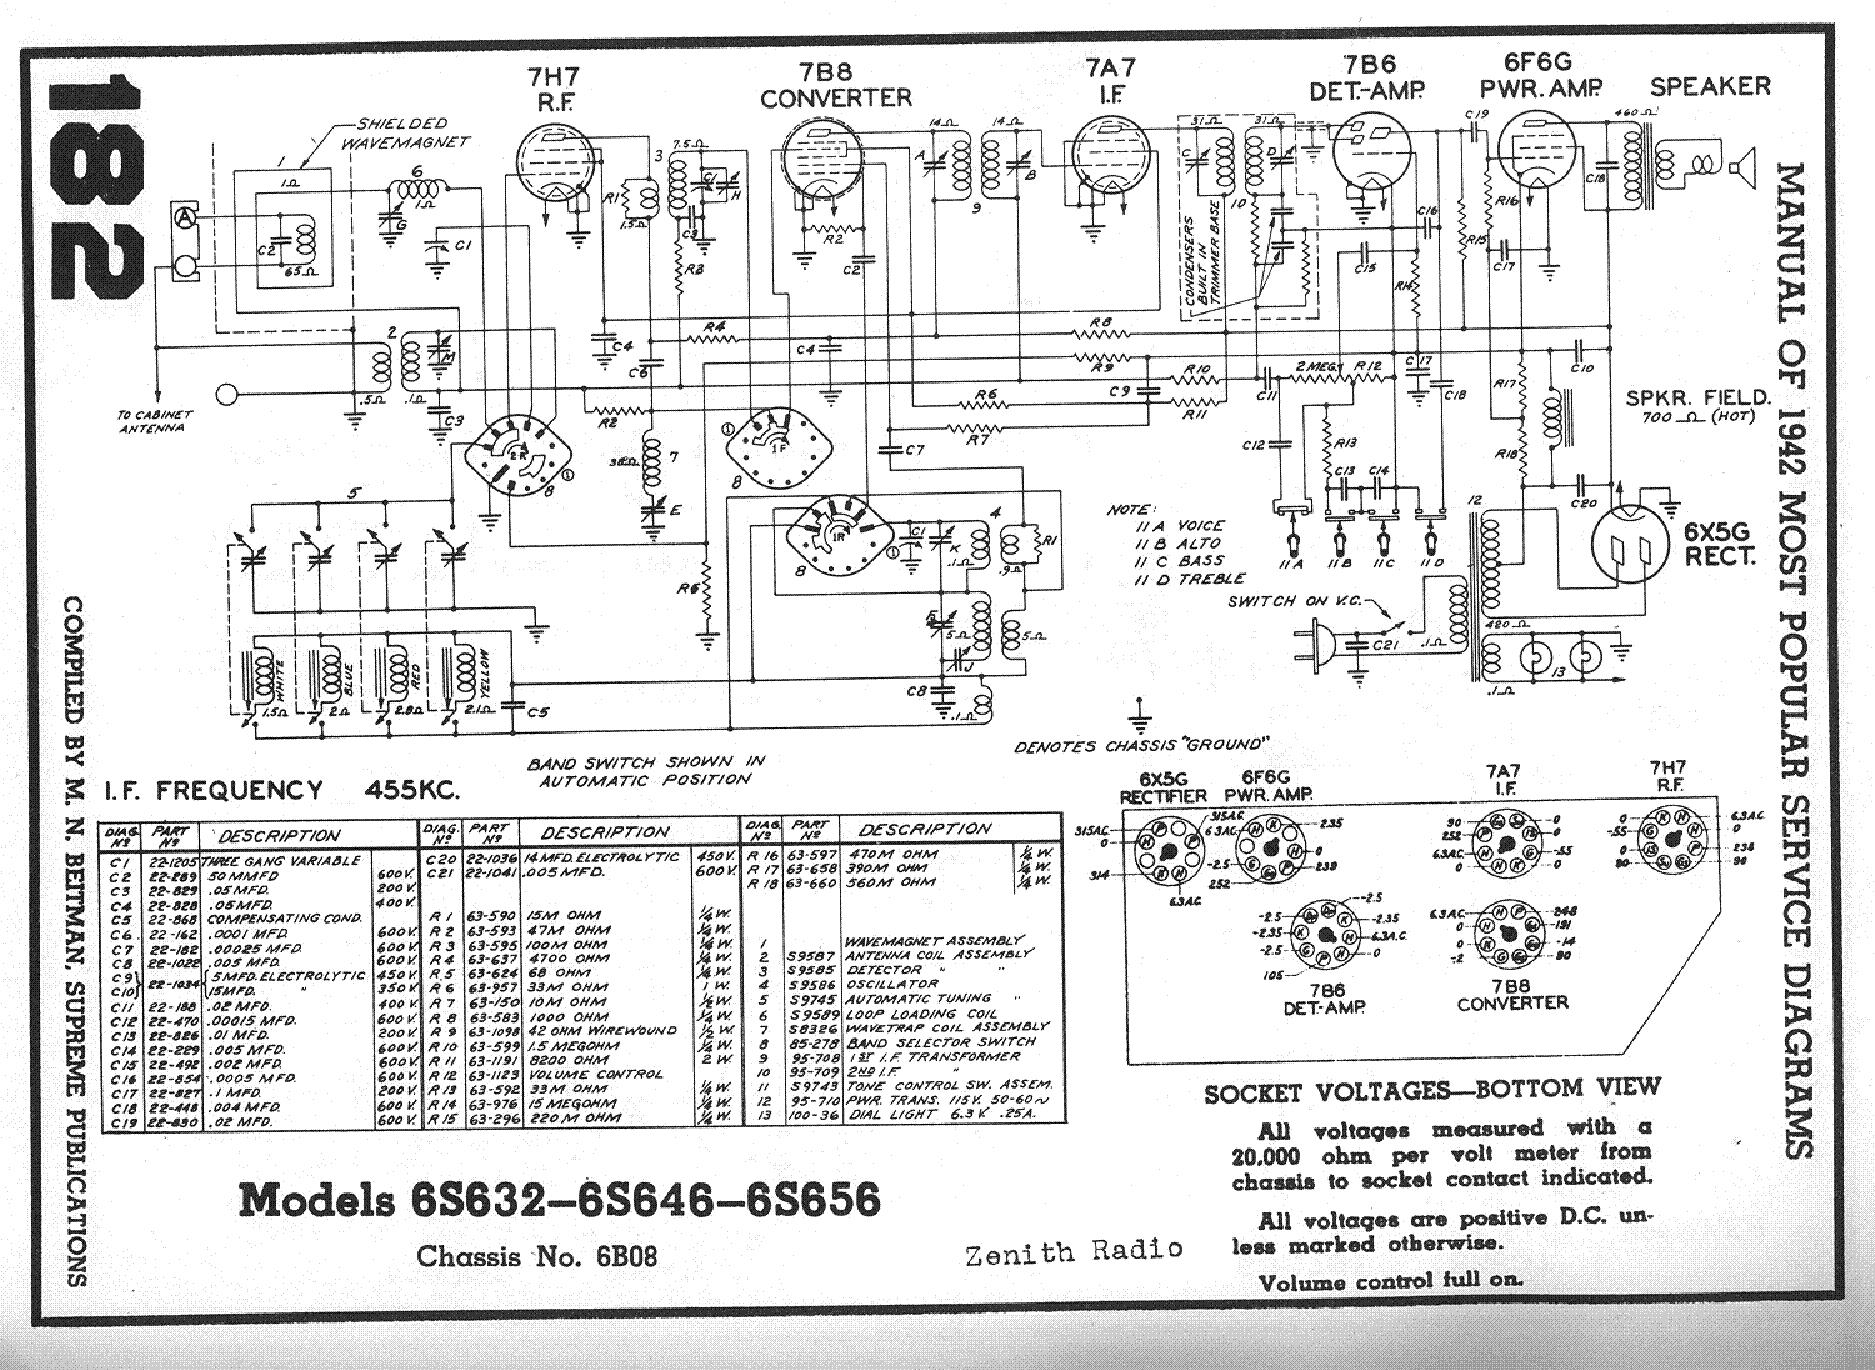 zenith 6s632 6s646 sch service manual download  schematics